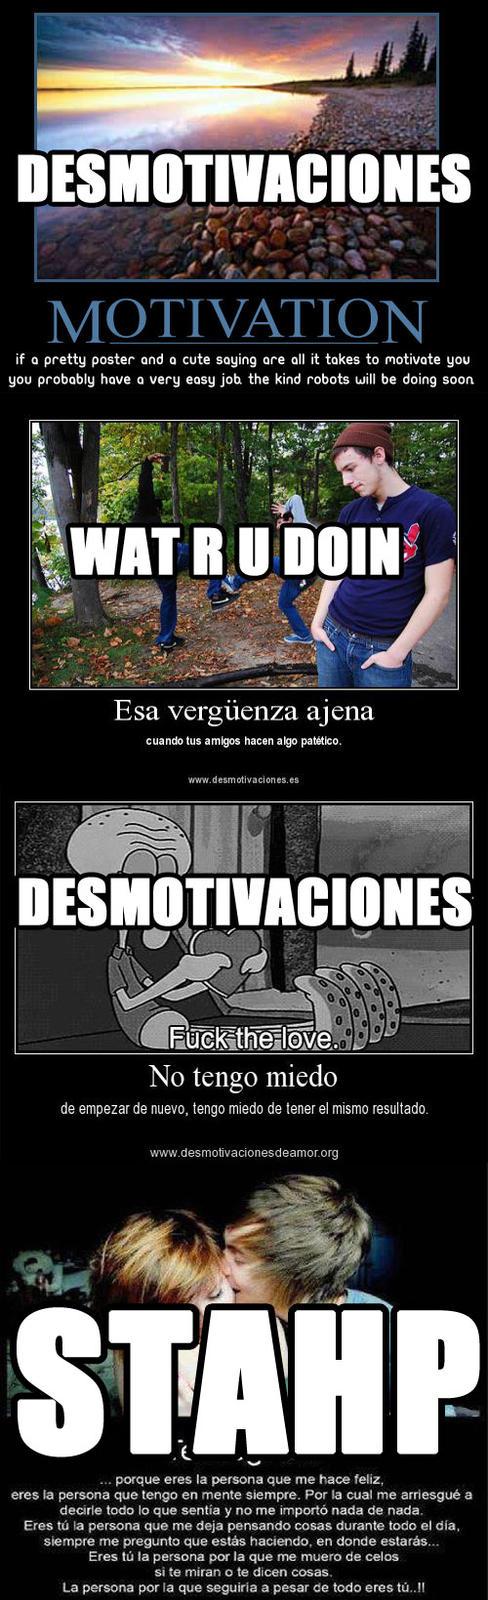 Stahp Desmotivaciones!